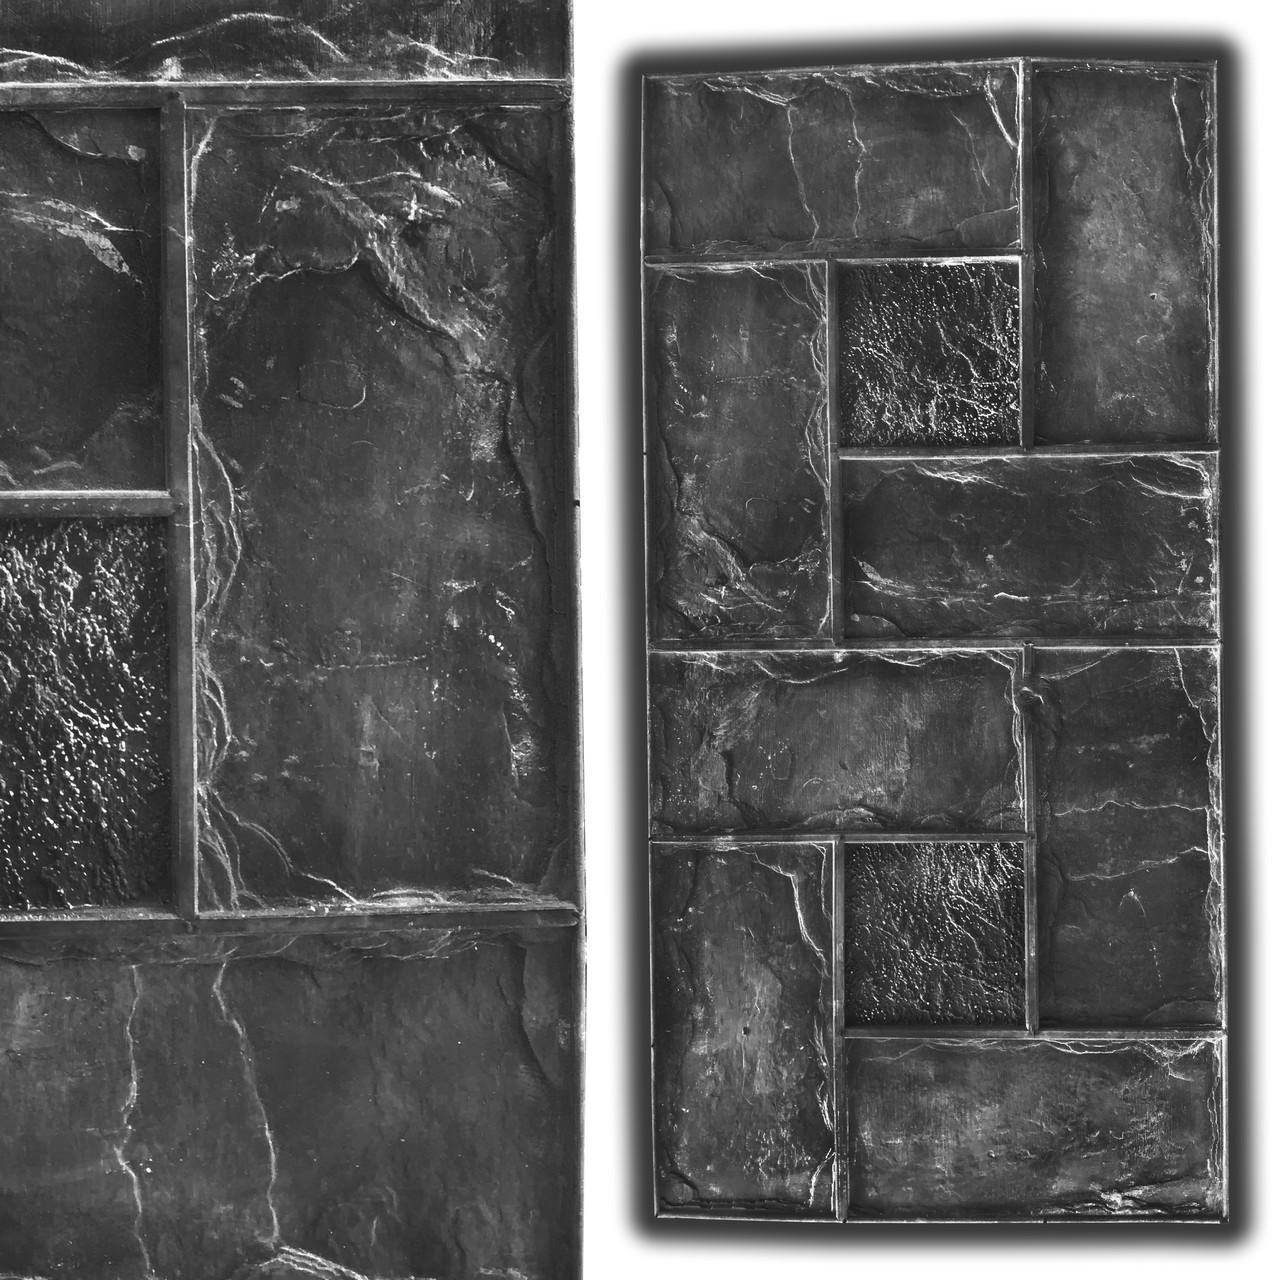 Переплёт 80х40 см - штамп резиновый для печатного бетона; имитирует пиленый колотый плитняк; плетёная укладка